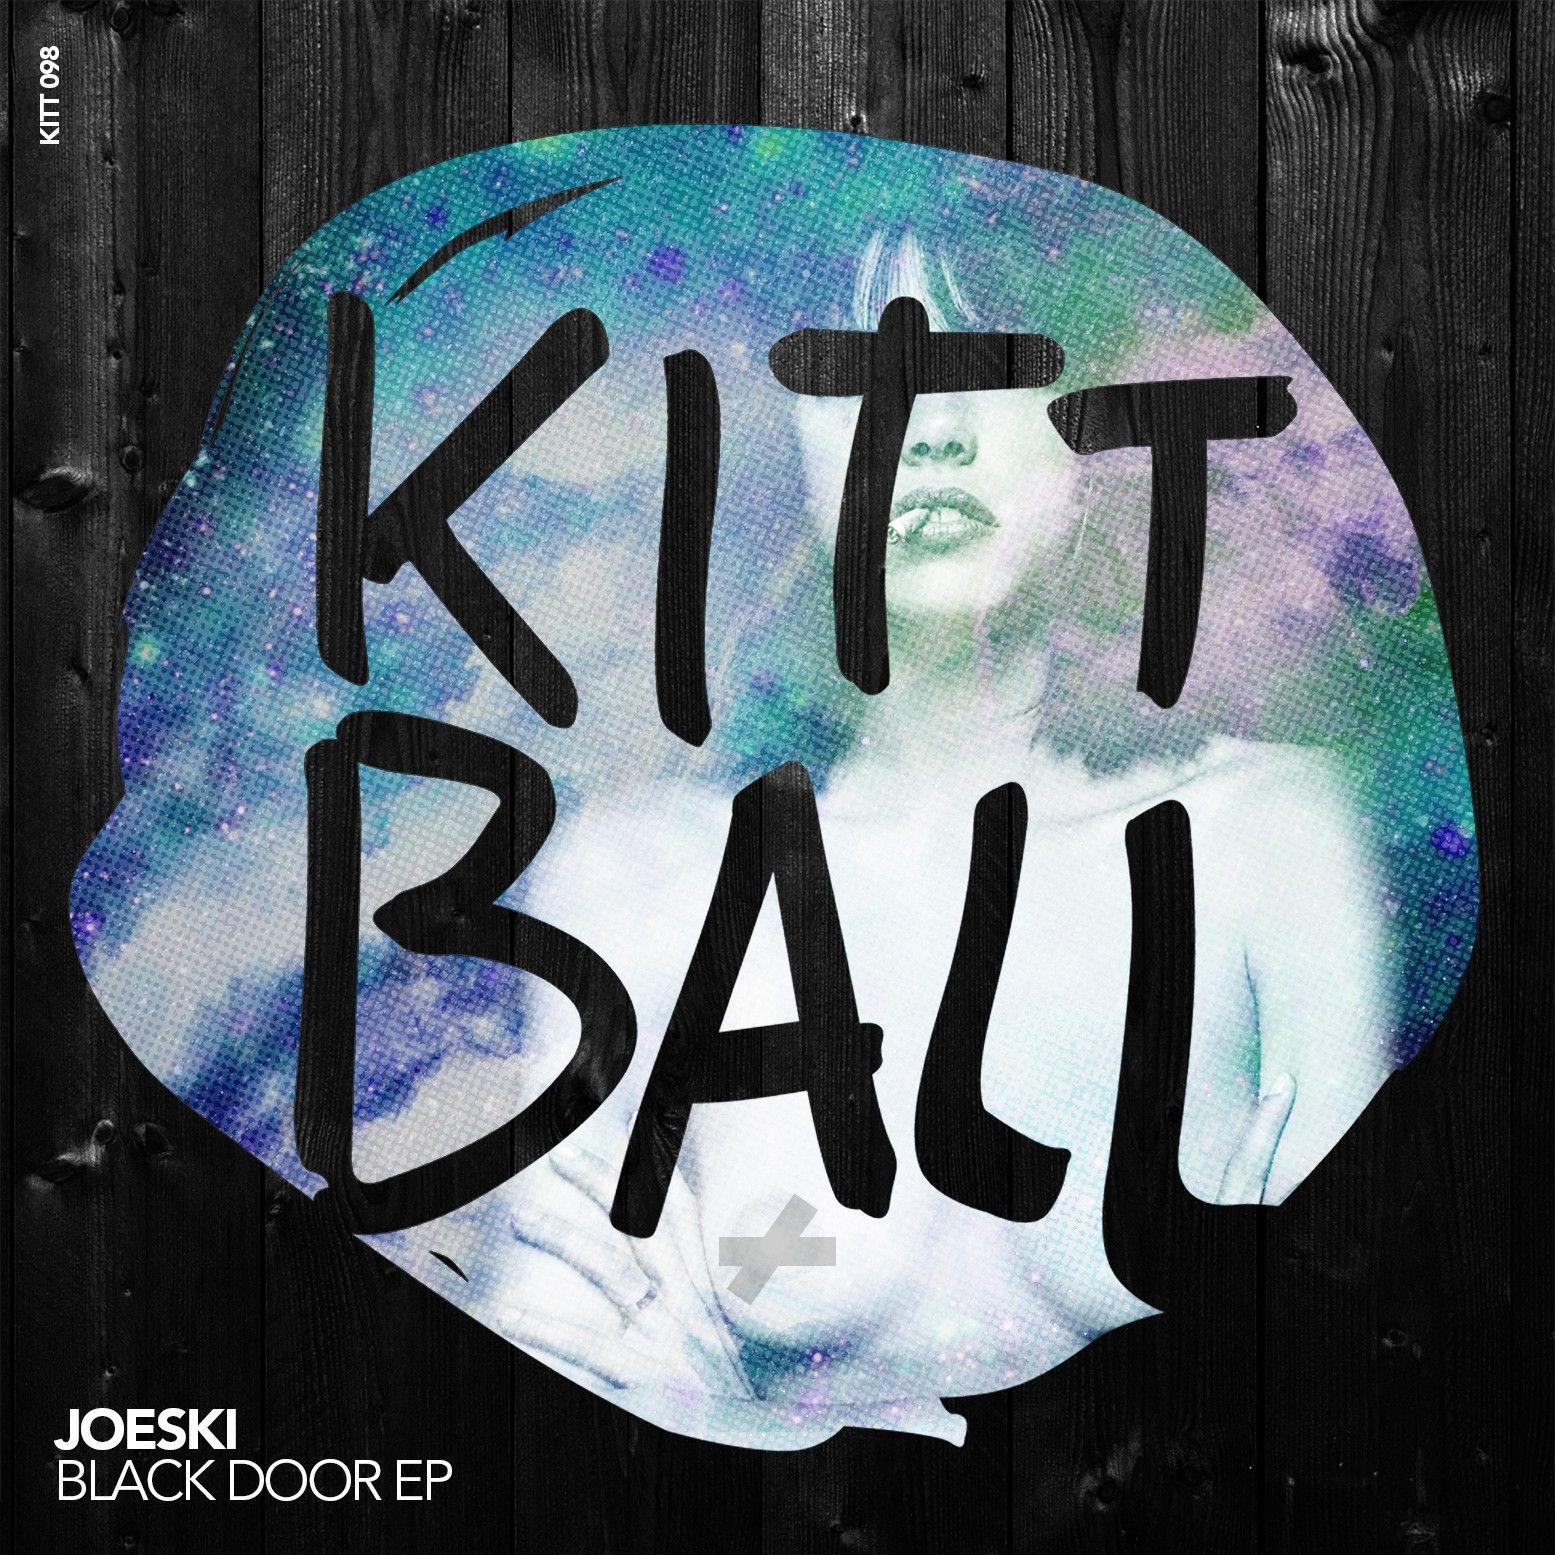 packshot-joeski-blackdoorep-kittballrecords.jpg